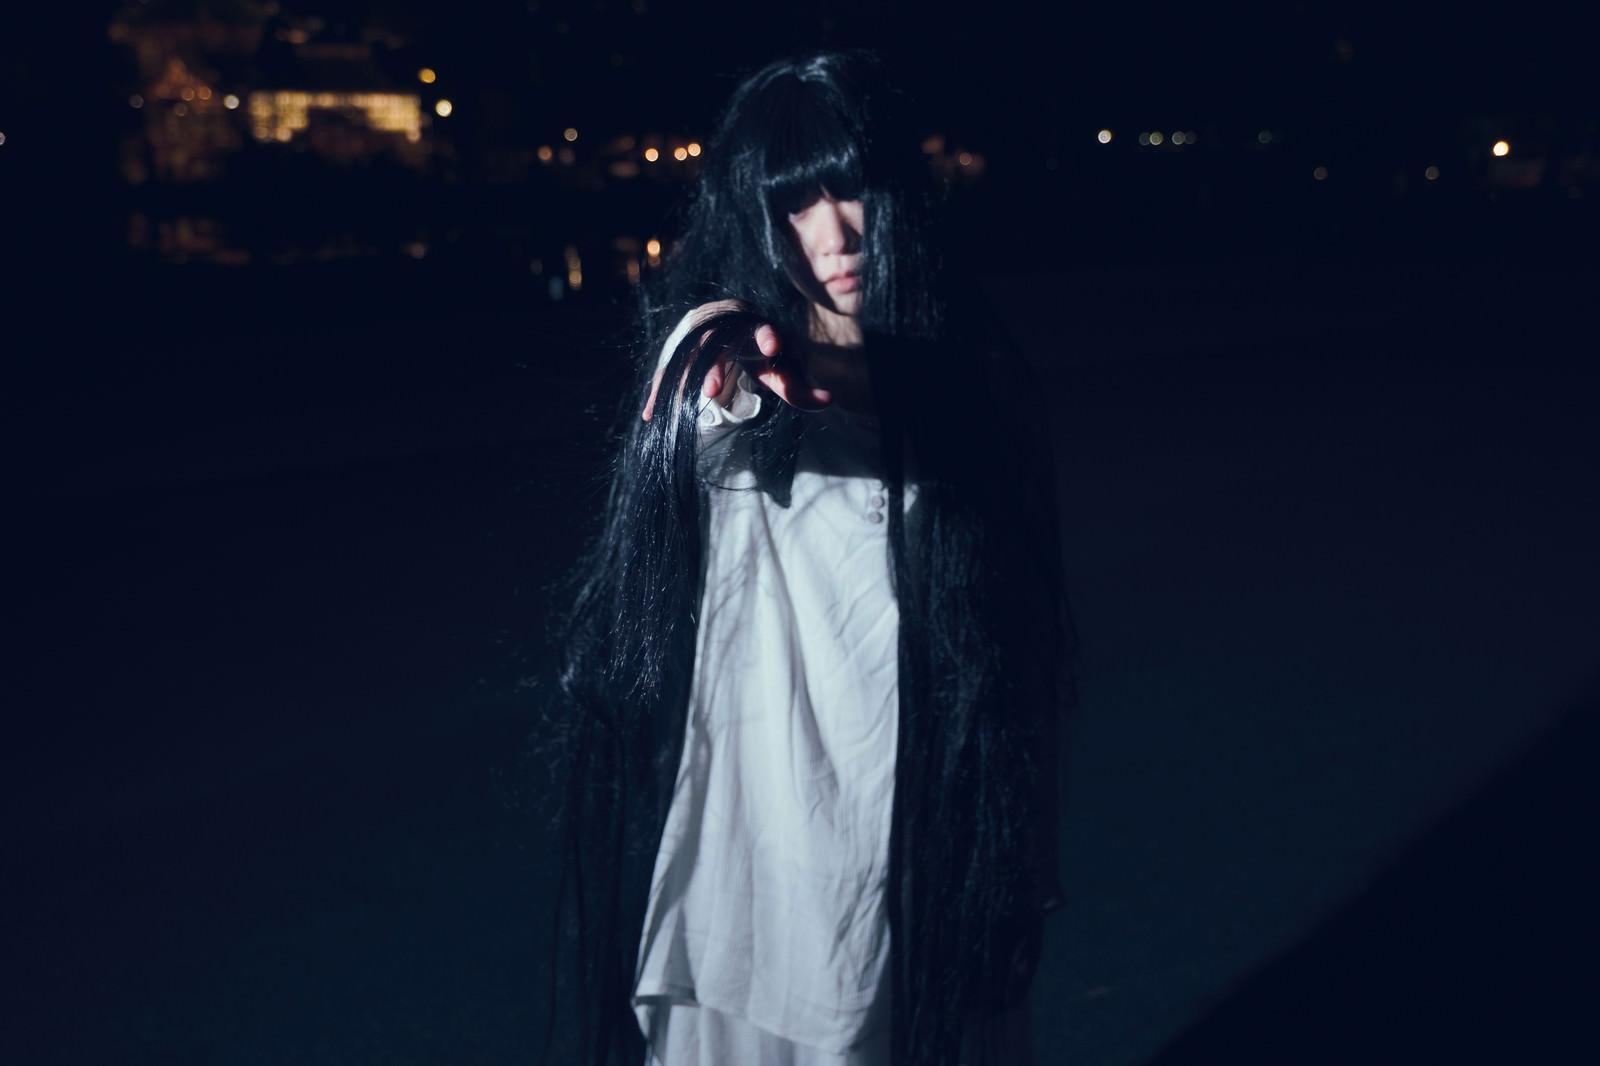 「暗闇から誘う女性暗闇から誘う女性」[モデル:緋真煉]のフリー写真素材を拡大